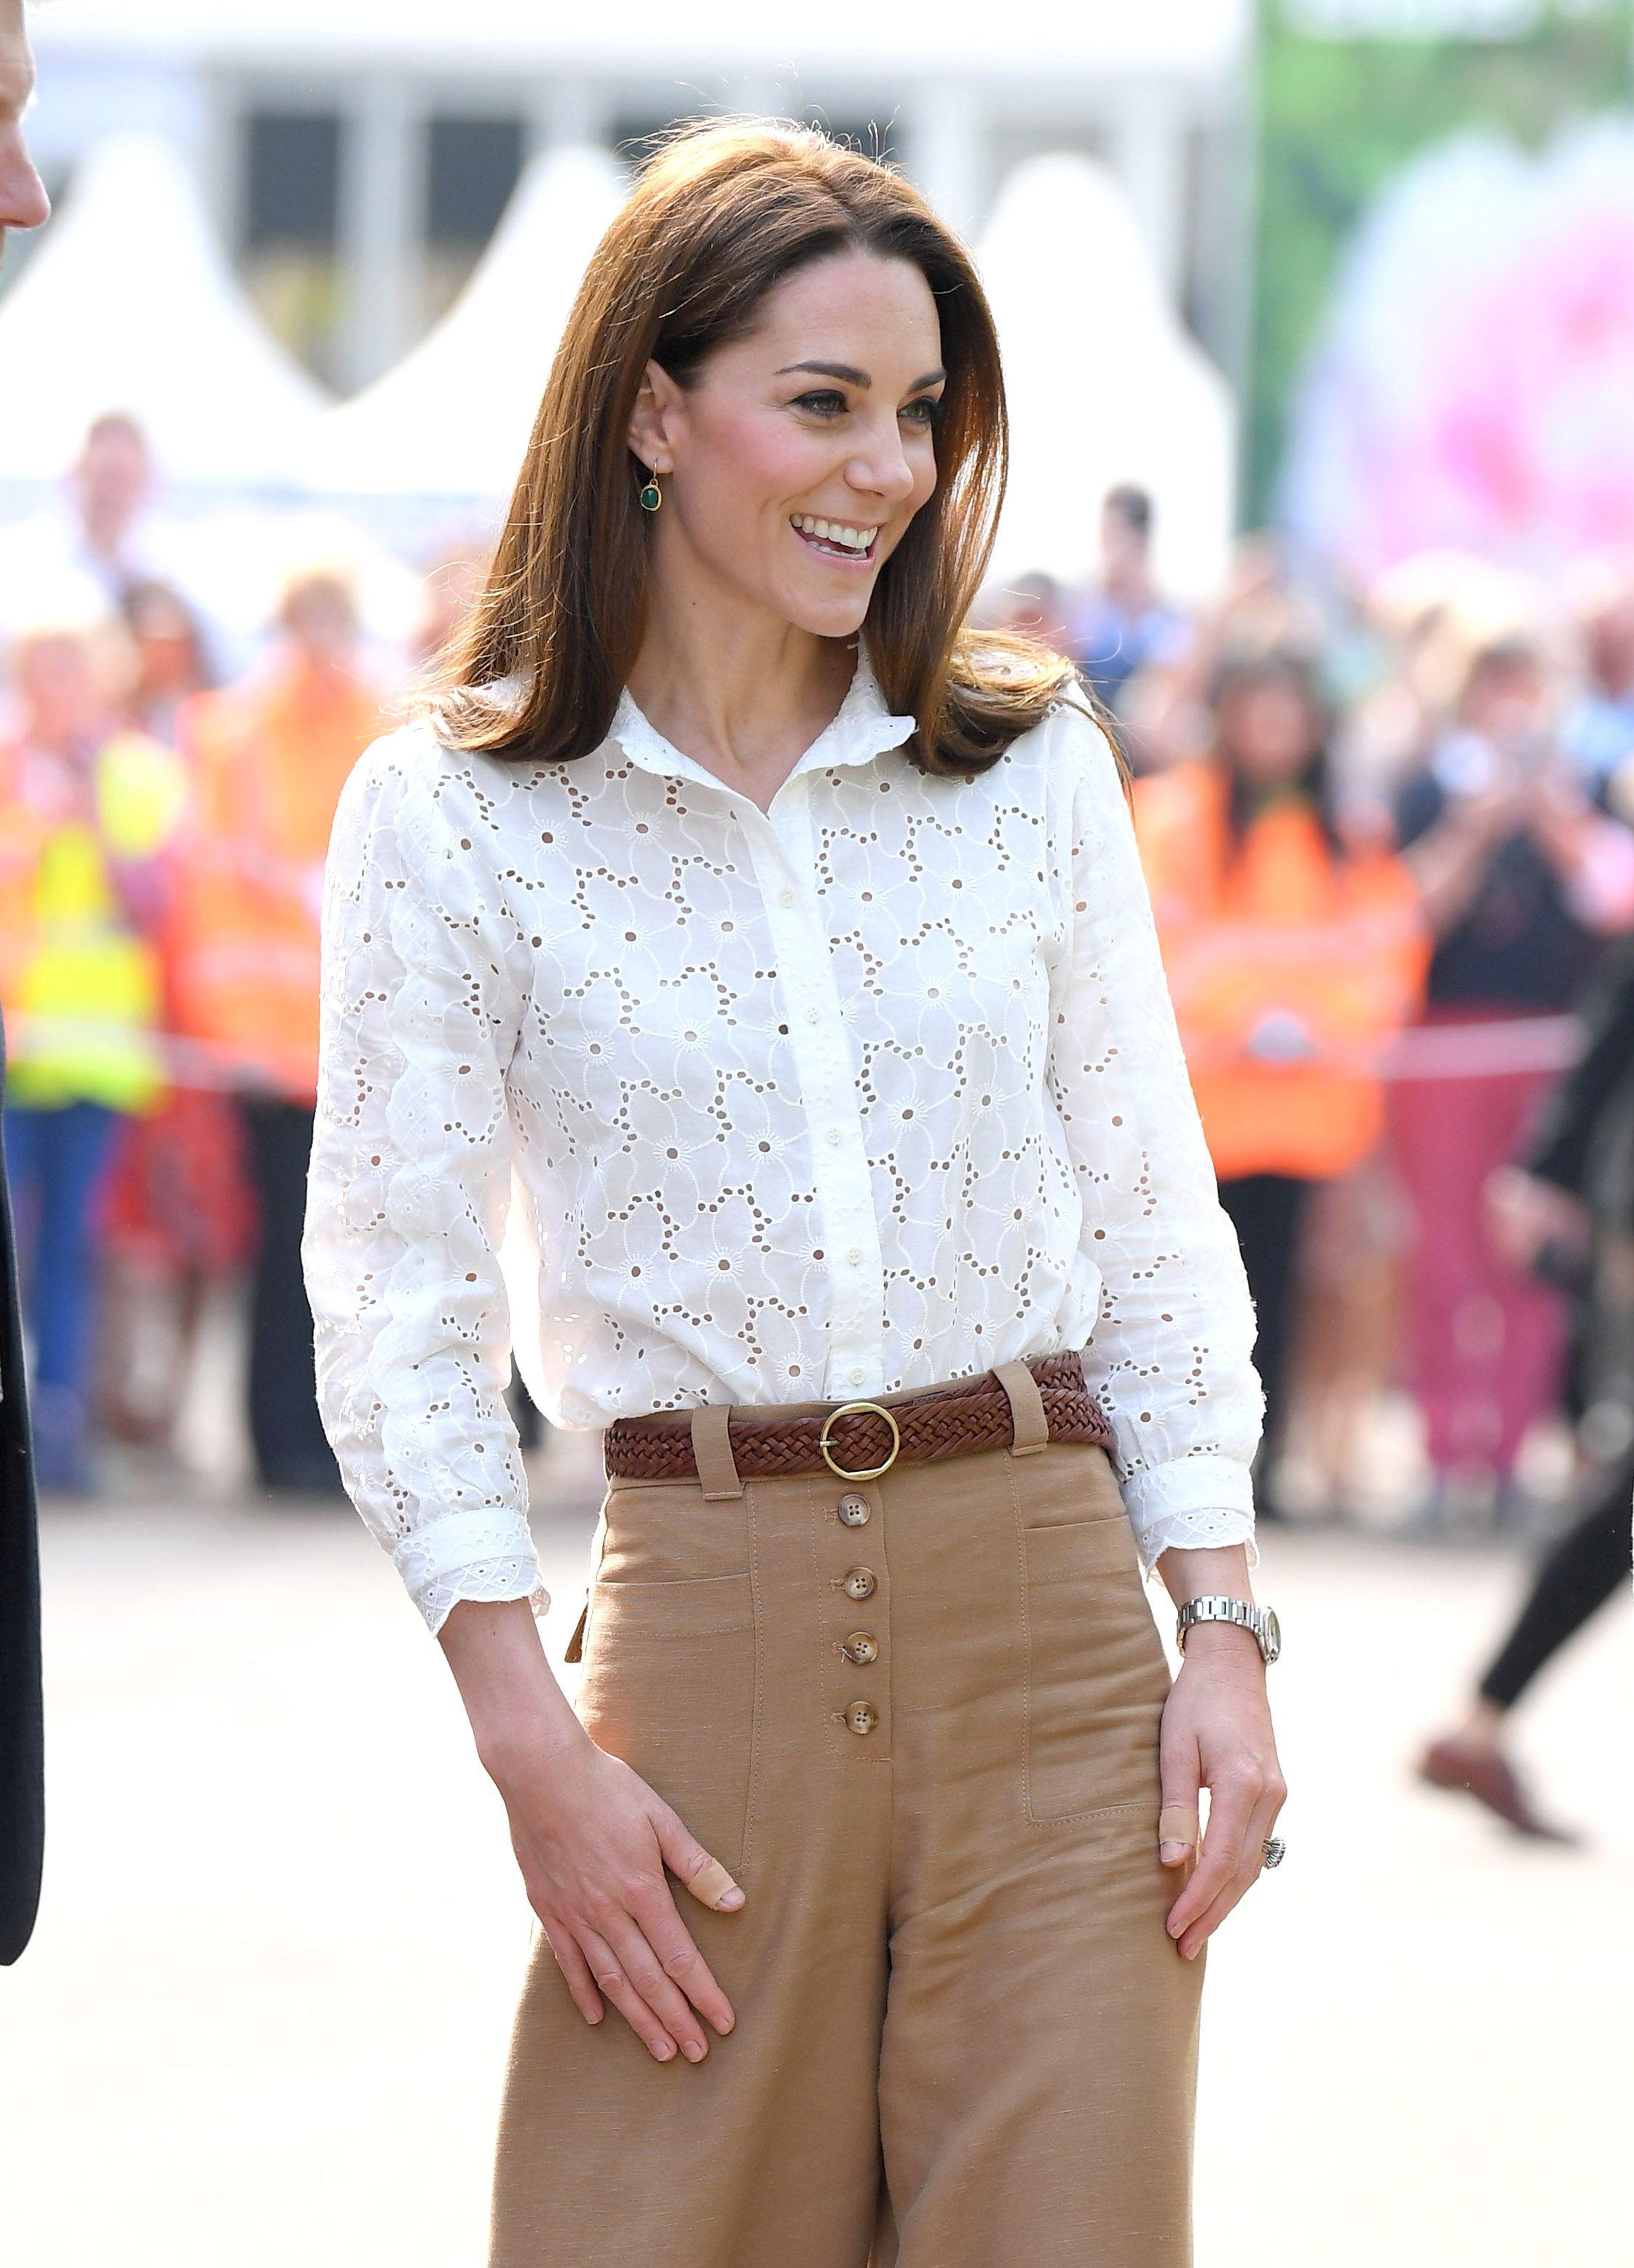 Kate Middleton Wore Superga Sneakers